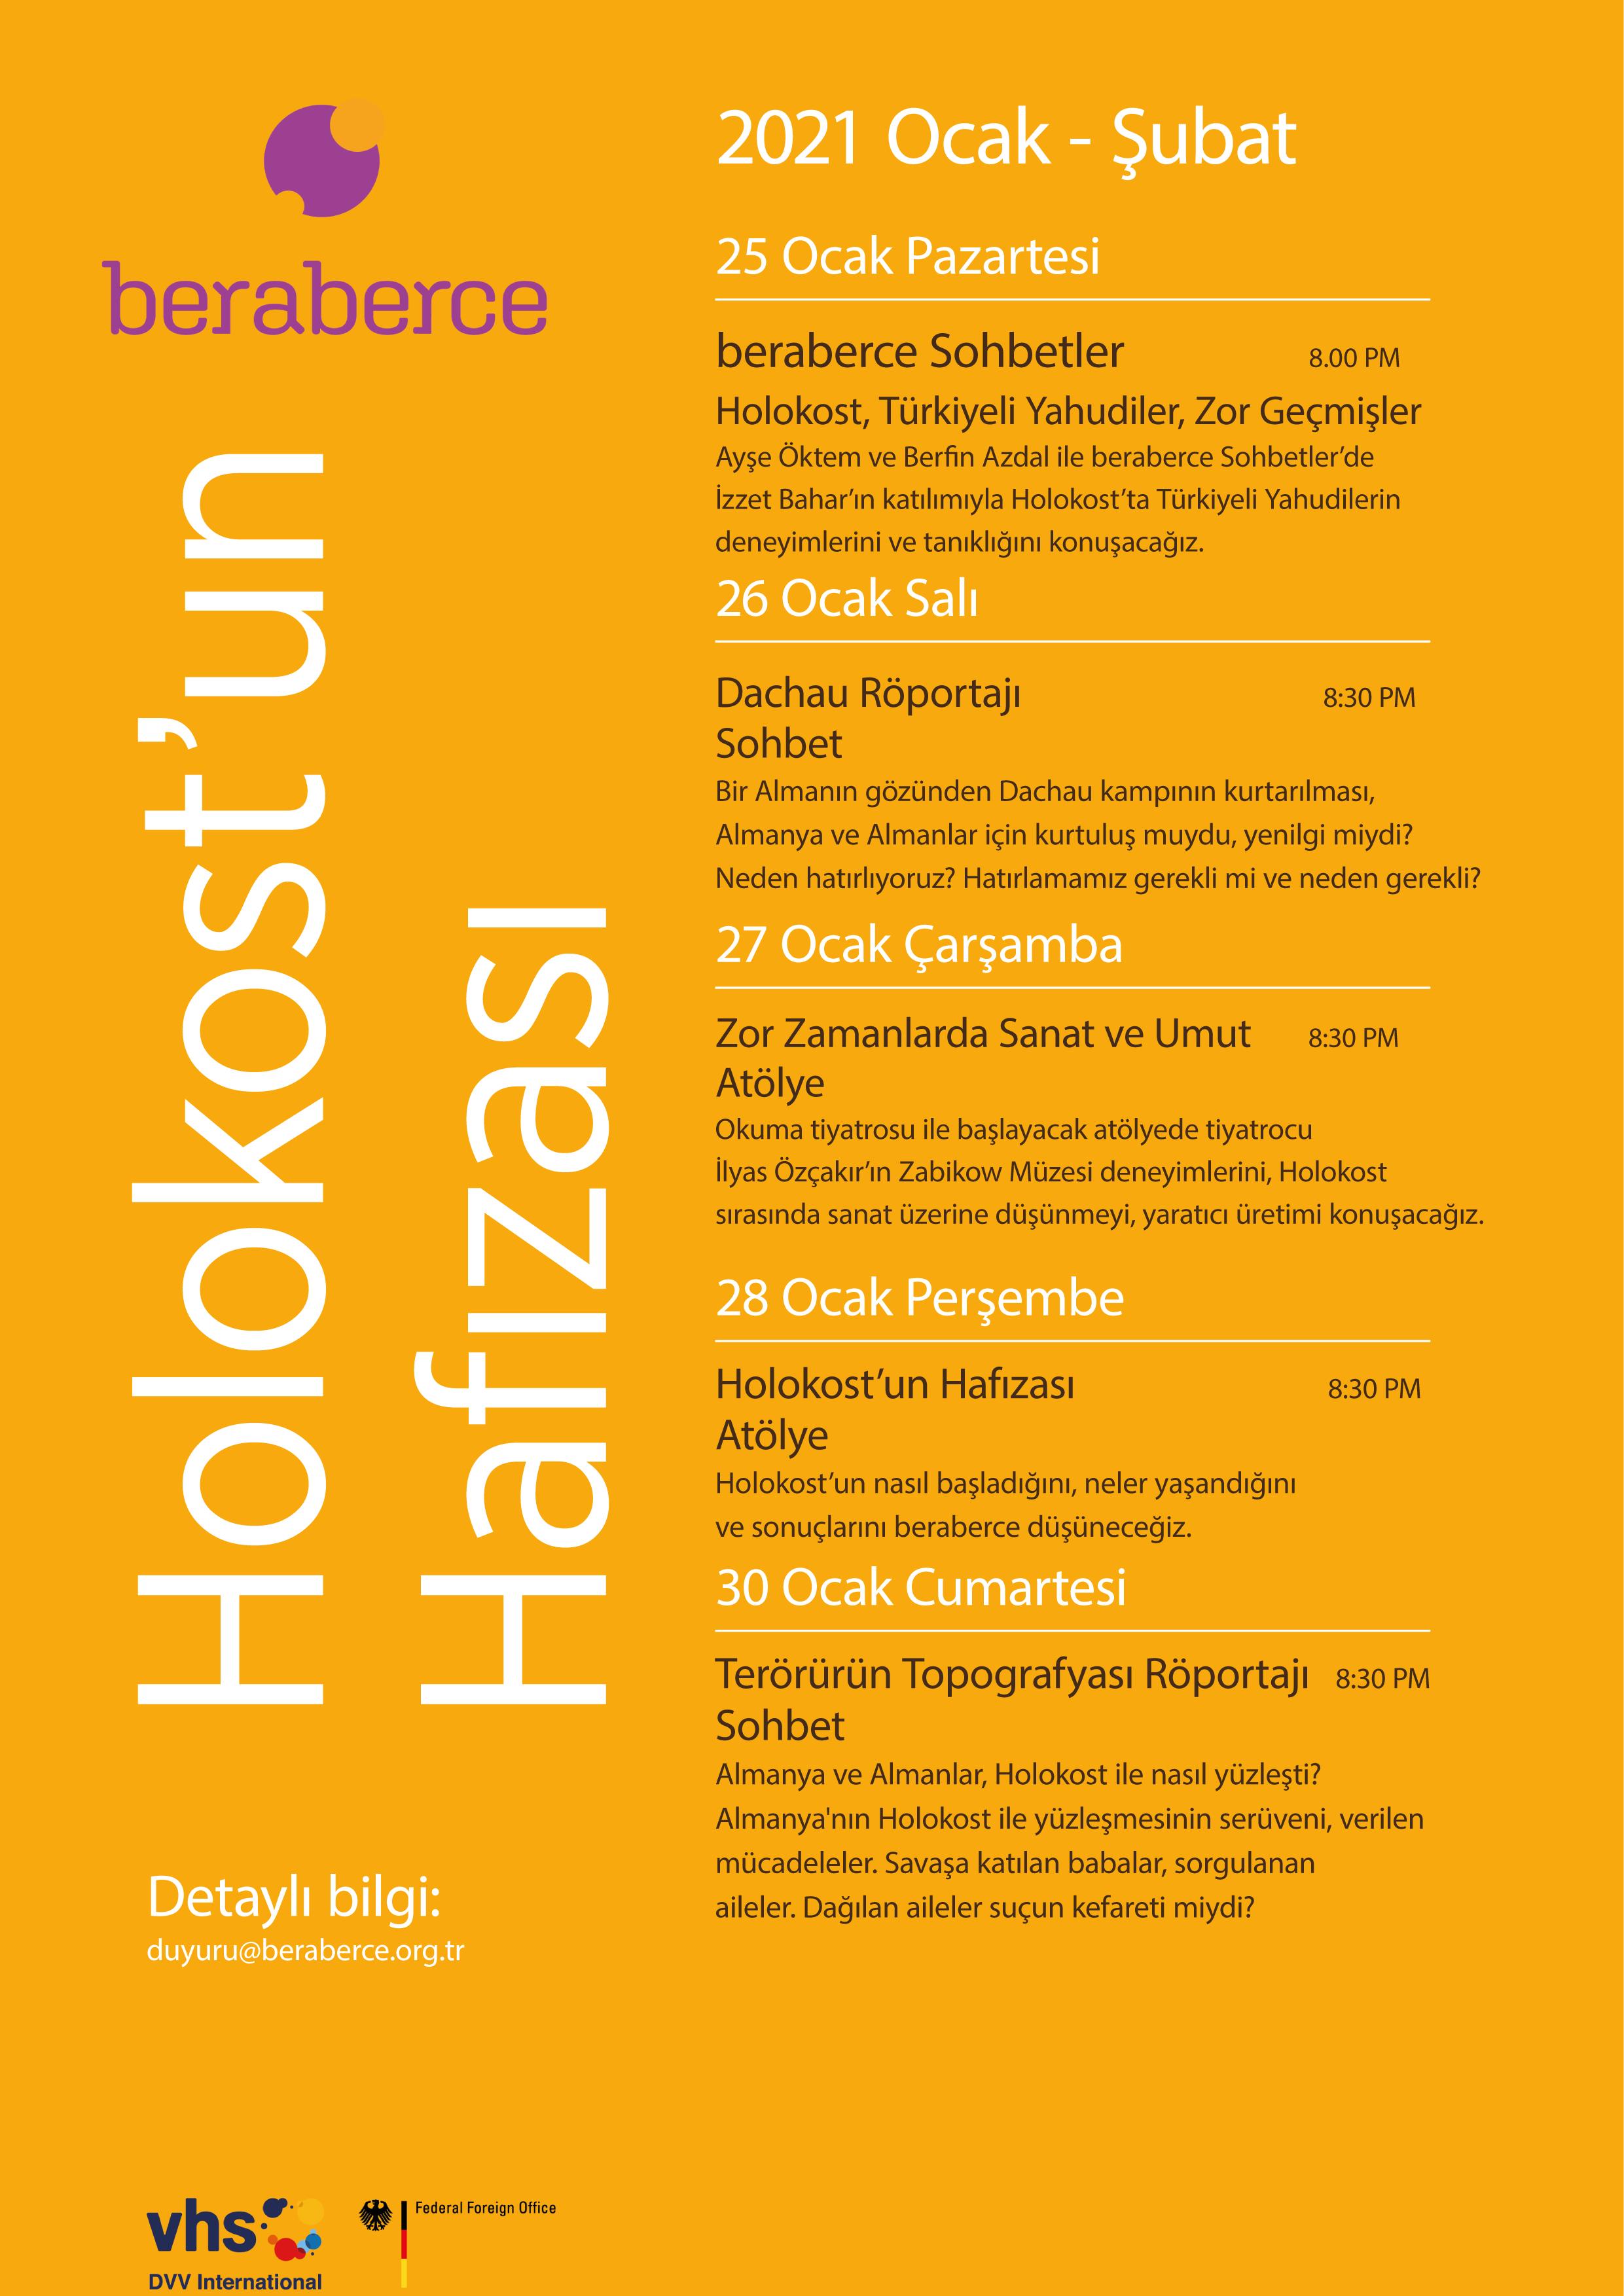 Holokost'un Hafızası